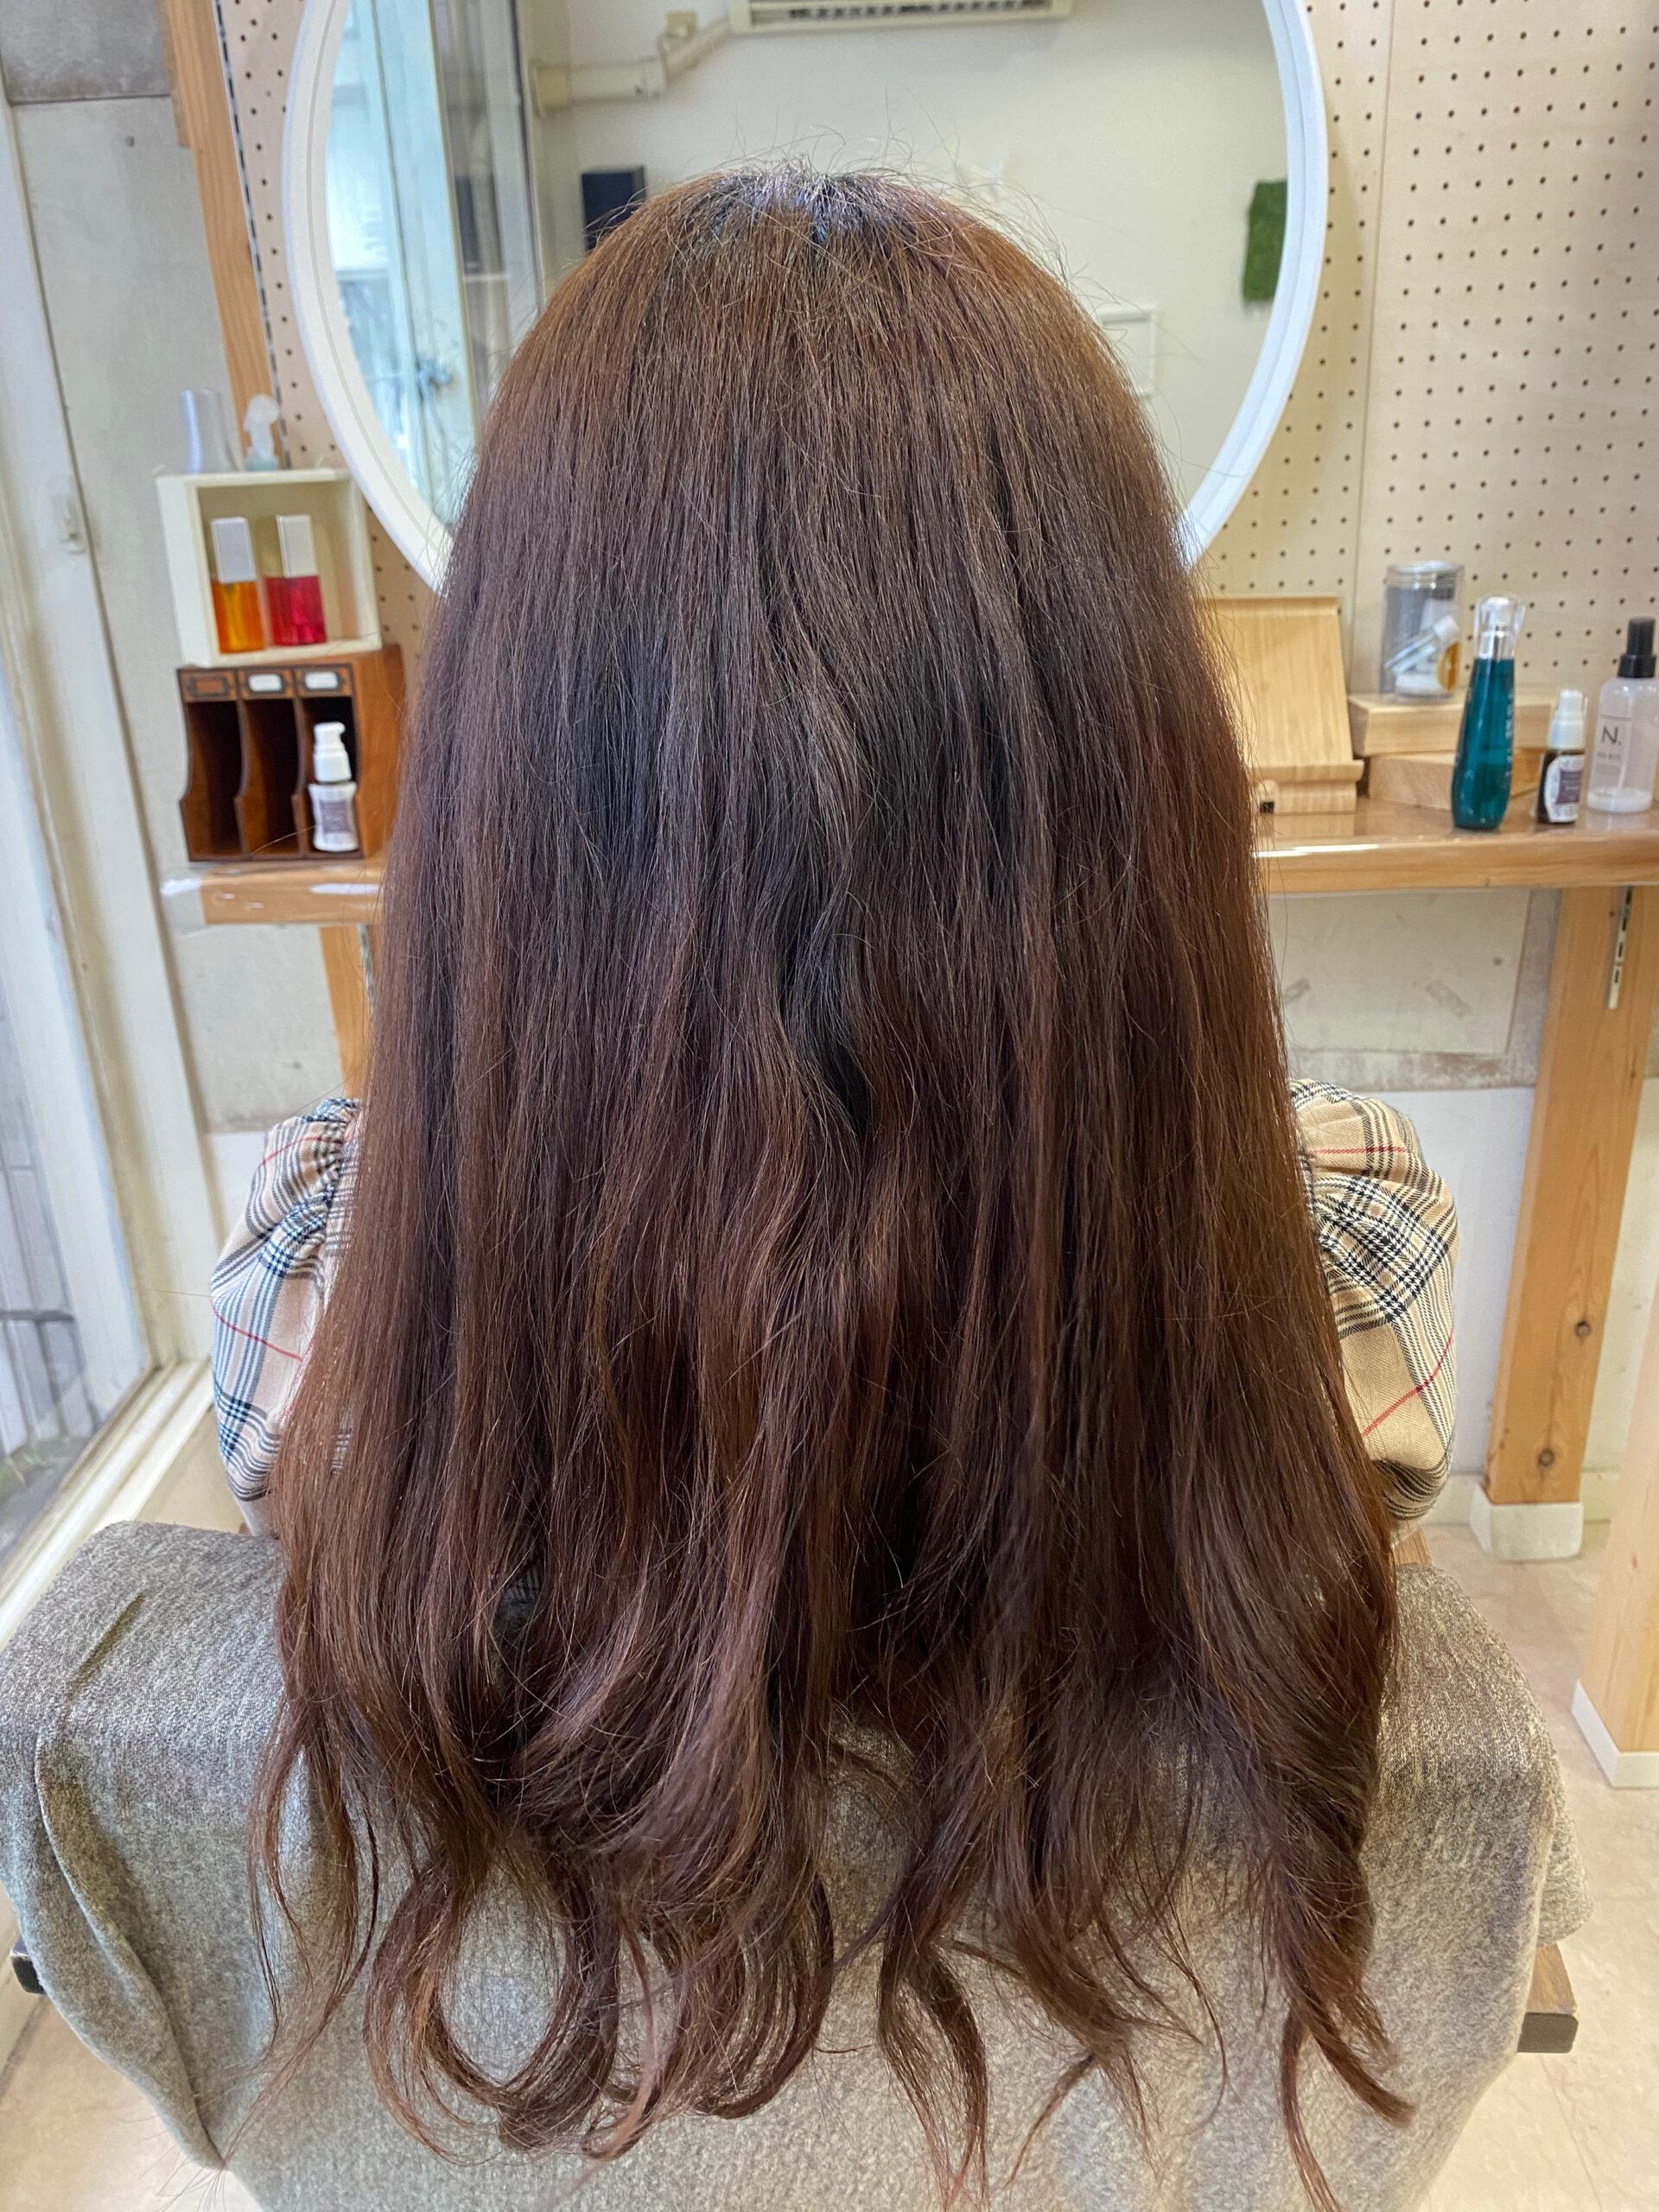 ブリーチとパーマをしている方を【艶髪ストレートヘア】原宿・表参道『髪のお悩みを解決するヘアケア美容師の挑戦』